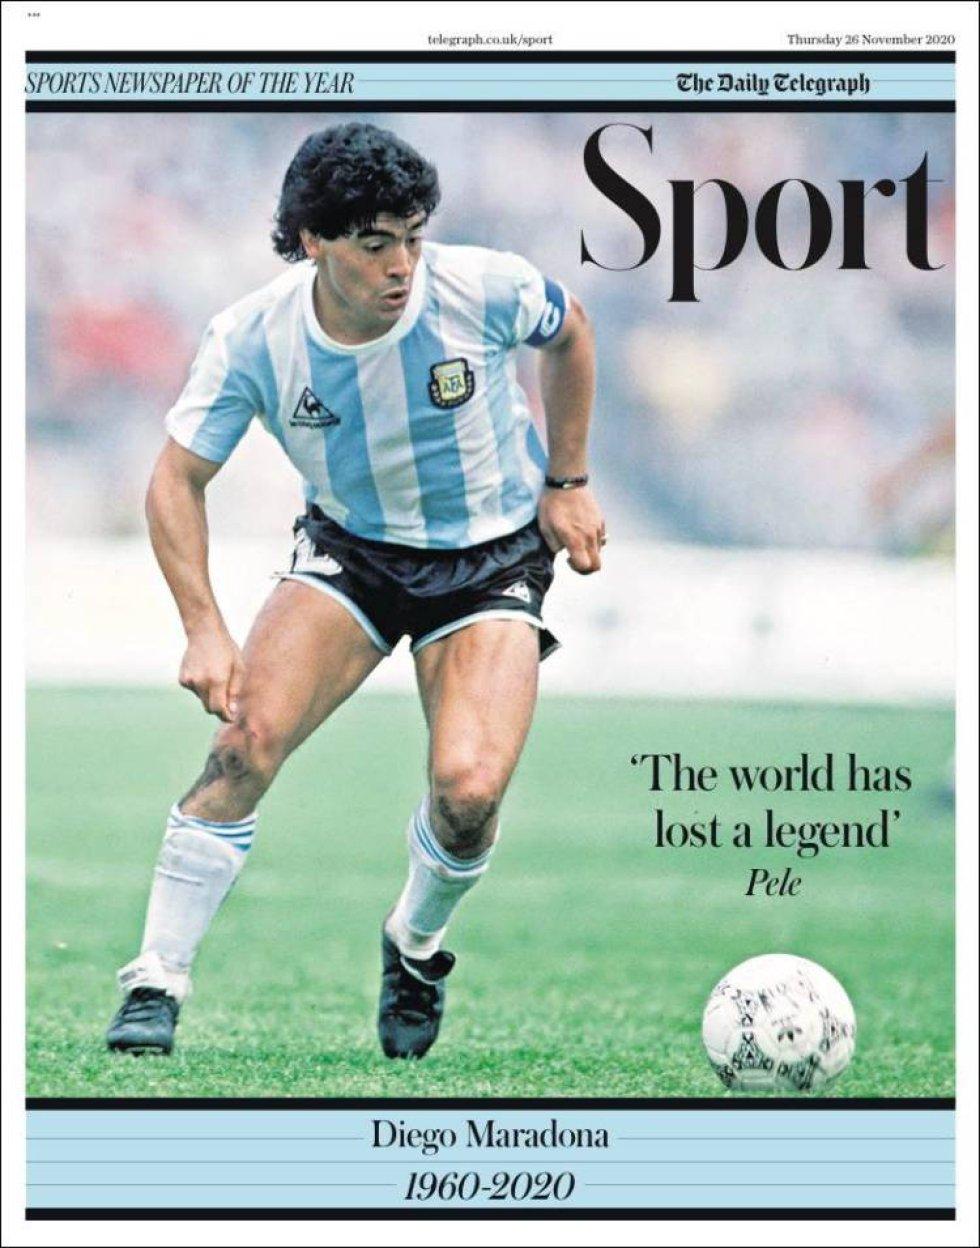 """La edición deportiva de 'Daily Telegraph' titula con una frase de Pelé: """"El mundo ha perdido una leyenda"""""""